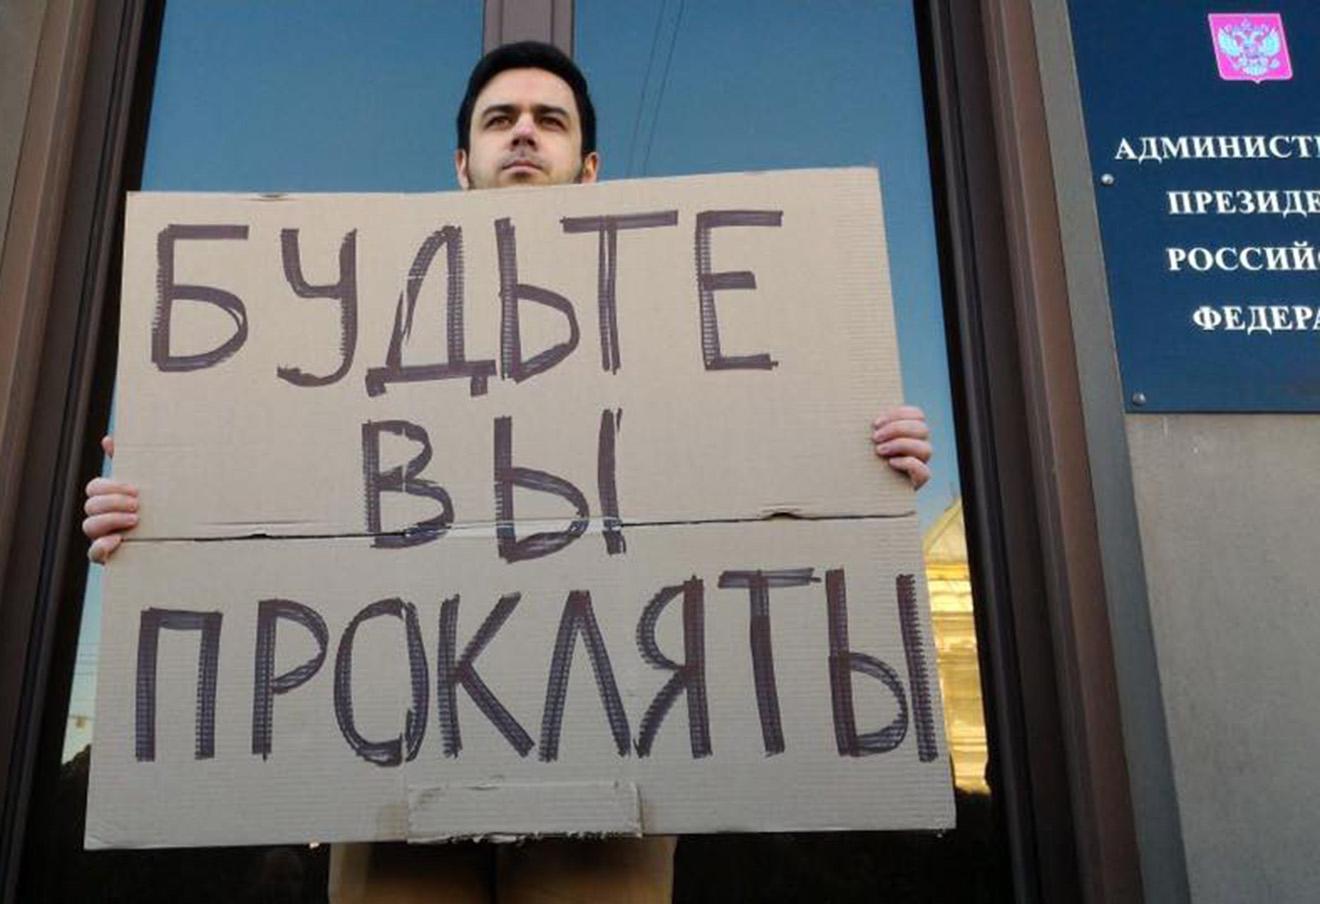 Артем Лоскутов, художник.